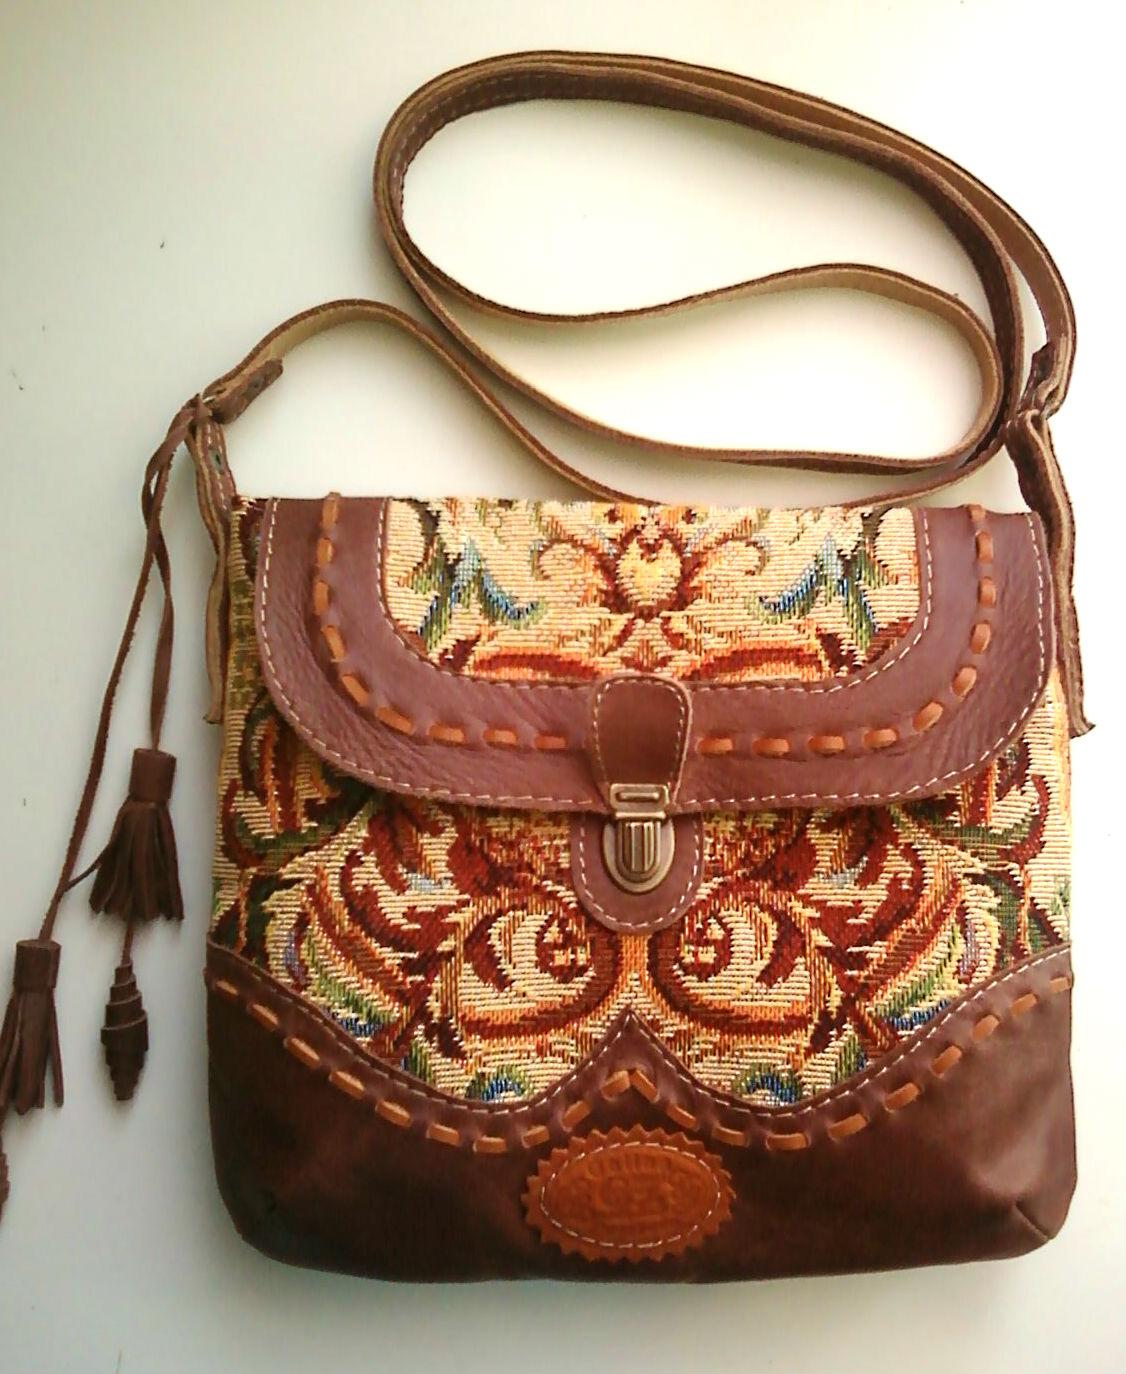 Гобеленовые сумки авторские, стильные, оригинальные, для милых дам сшитые своими руками. Ваша GZ.: Галерея сумок